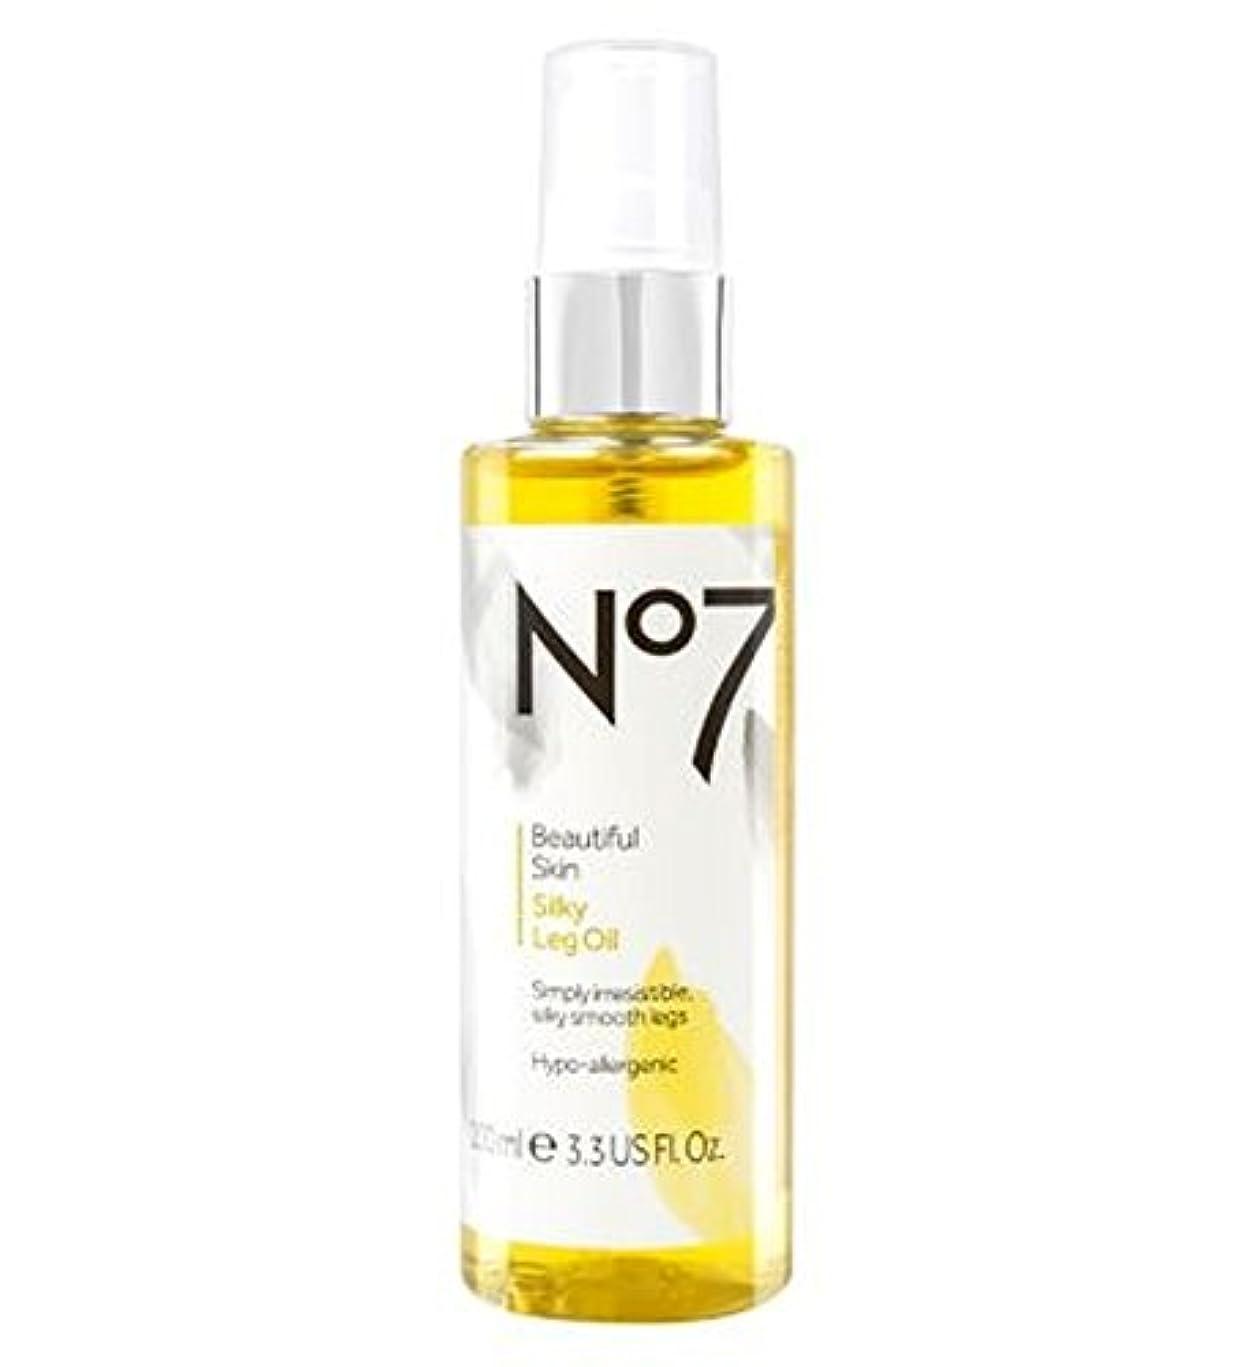 付属品先例辞書No7美しい肌絹のような脚油 (No7) (x2) - No7 Beautiful Skin Silky Leg Oil (Pack of 2) [並行輸入品]